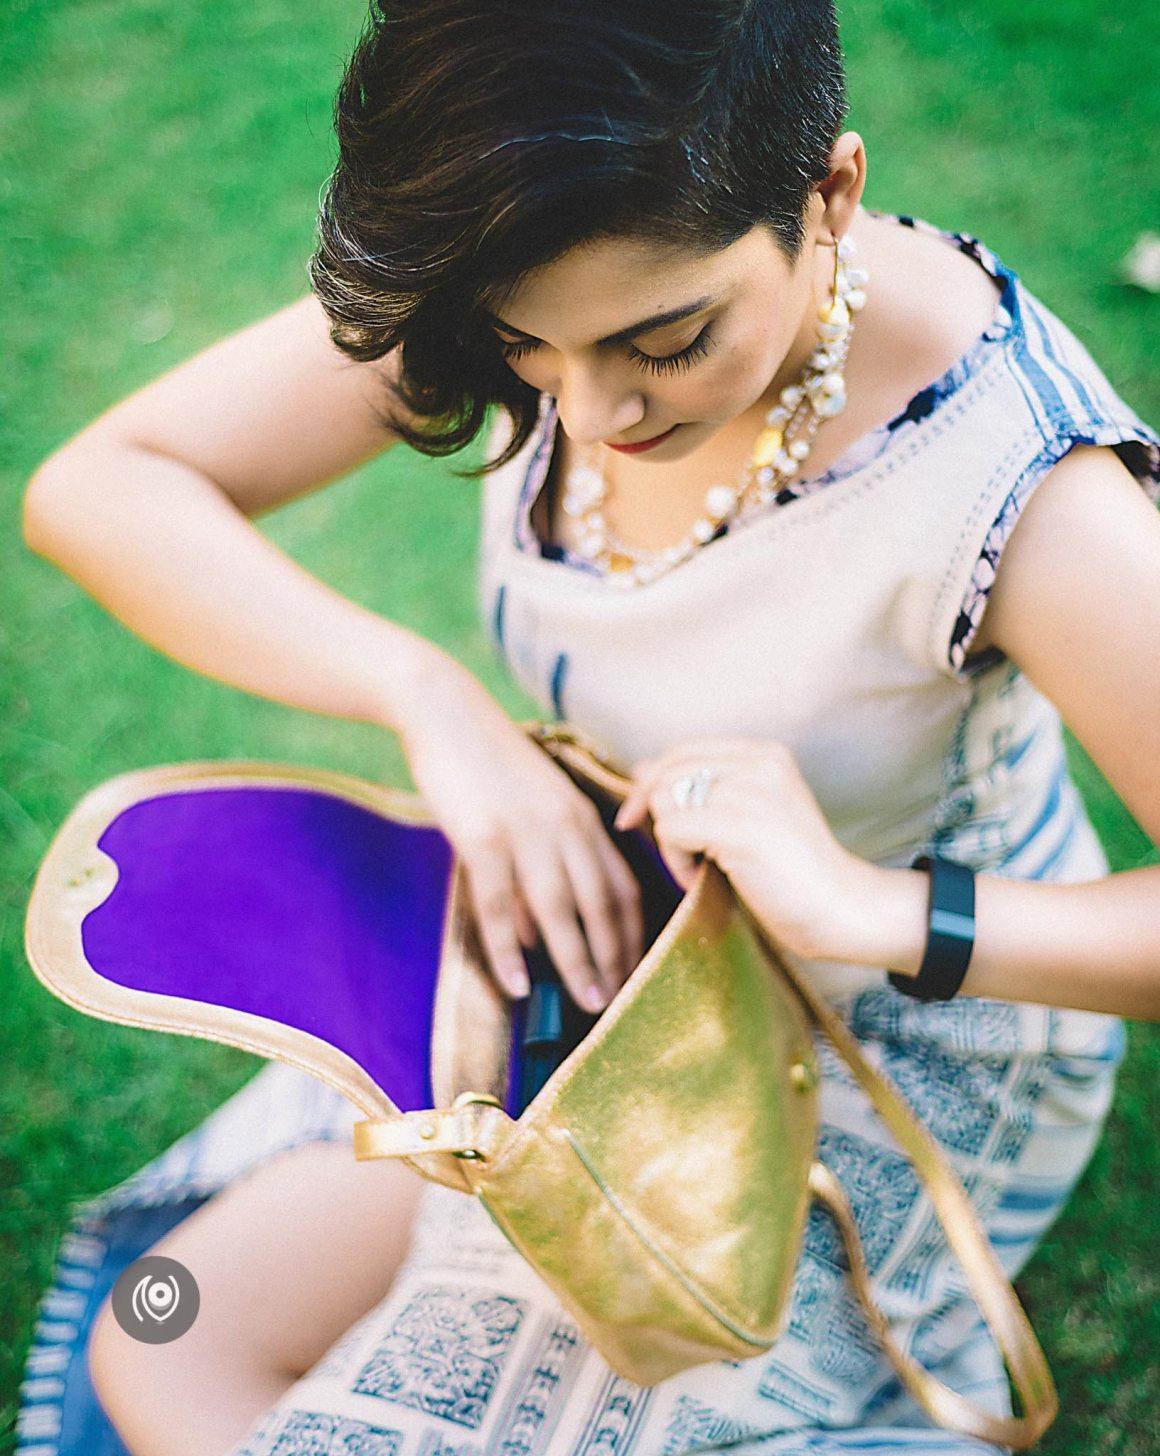 Naina.co-Raconteuse-Visuelle-Photographer-Blogger-Storyteller-Luxury-Lifestyle-CoverUp-Mi-UrvashiKaur-Risa-08